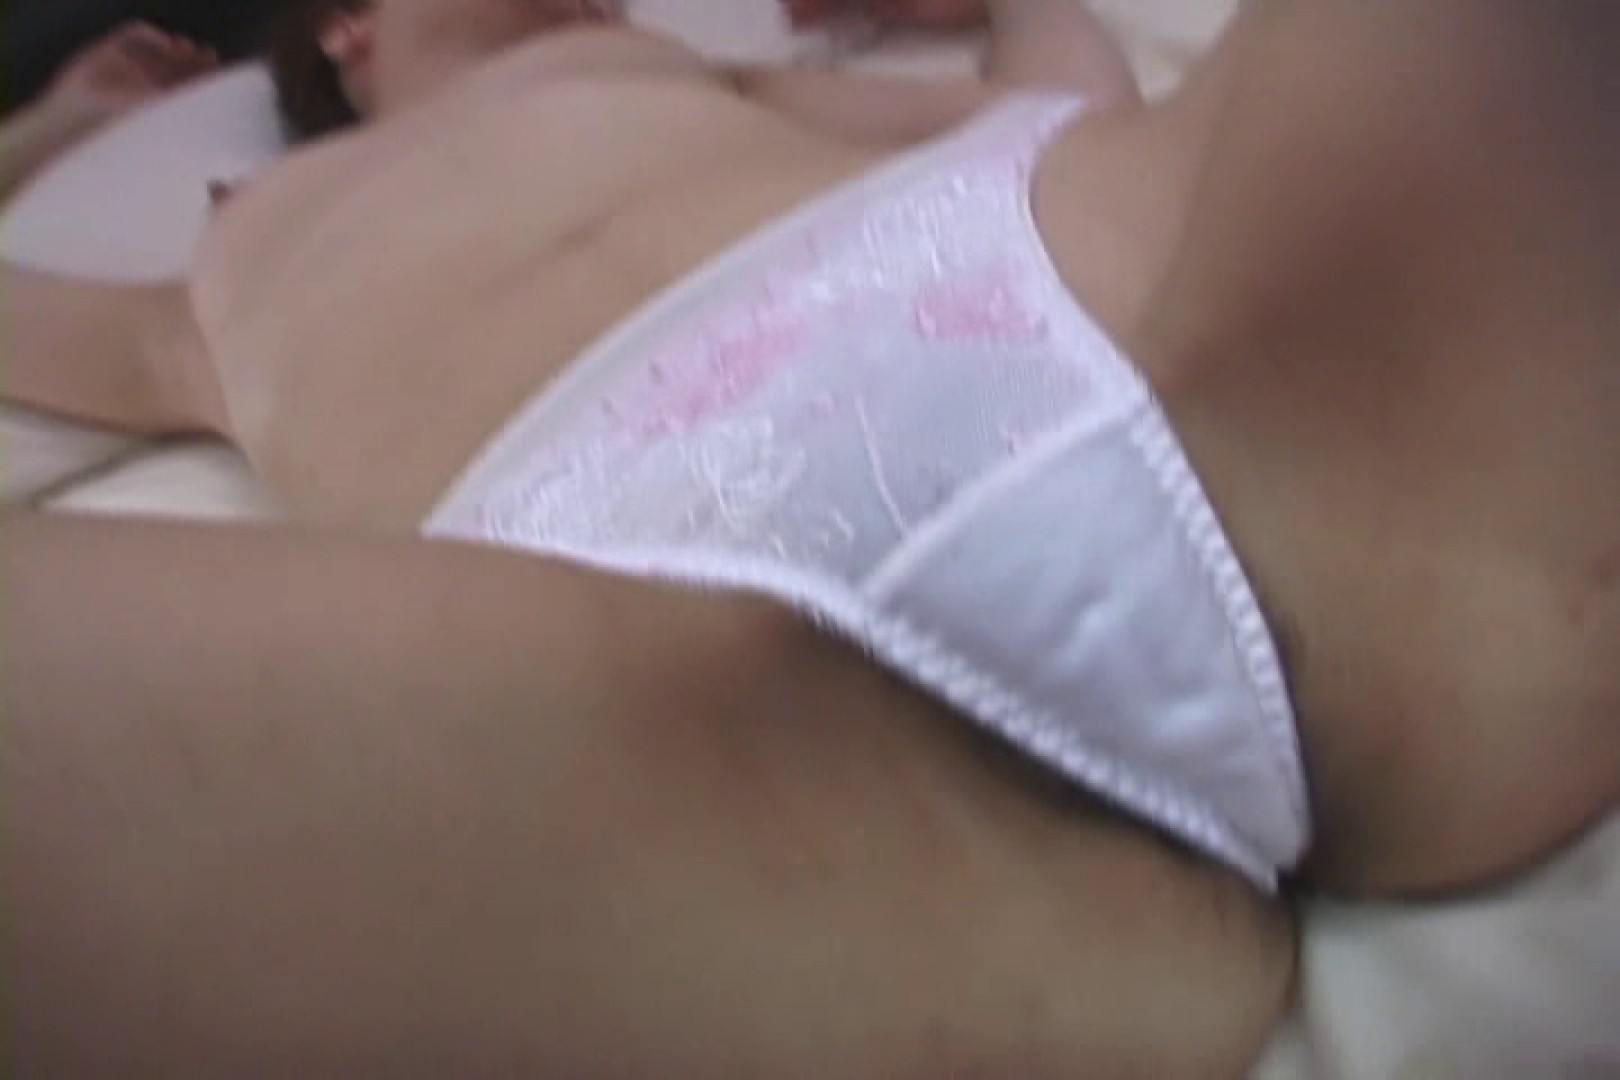 若人妻は静かに濡れる~藤本あずさ~ 電マ 性交動画流出 64pic 26